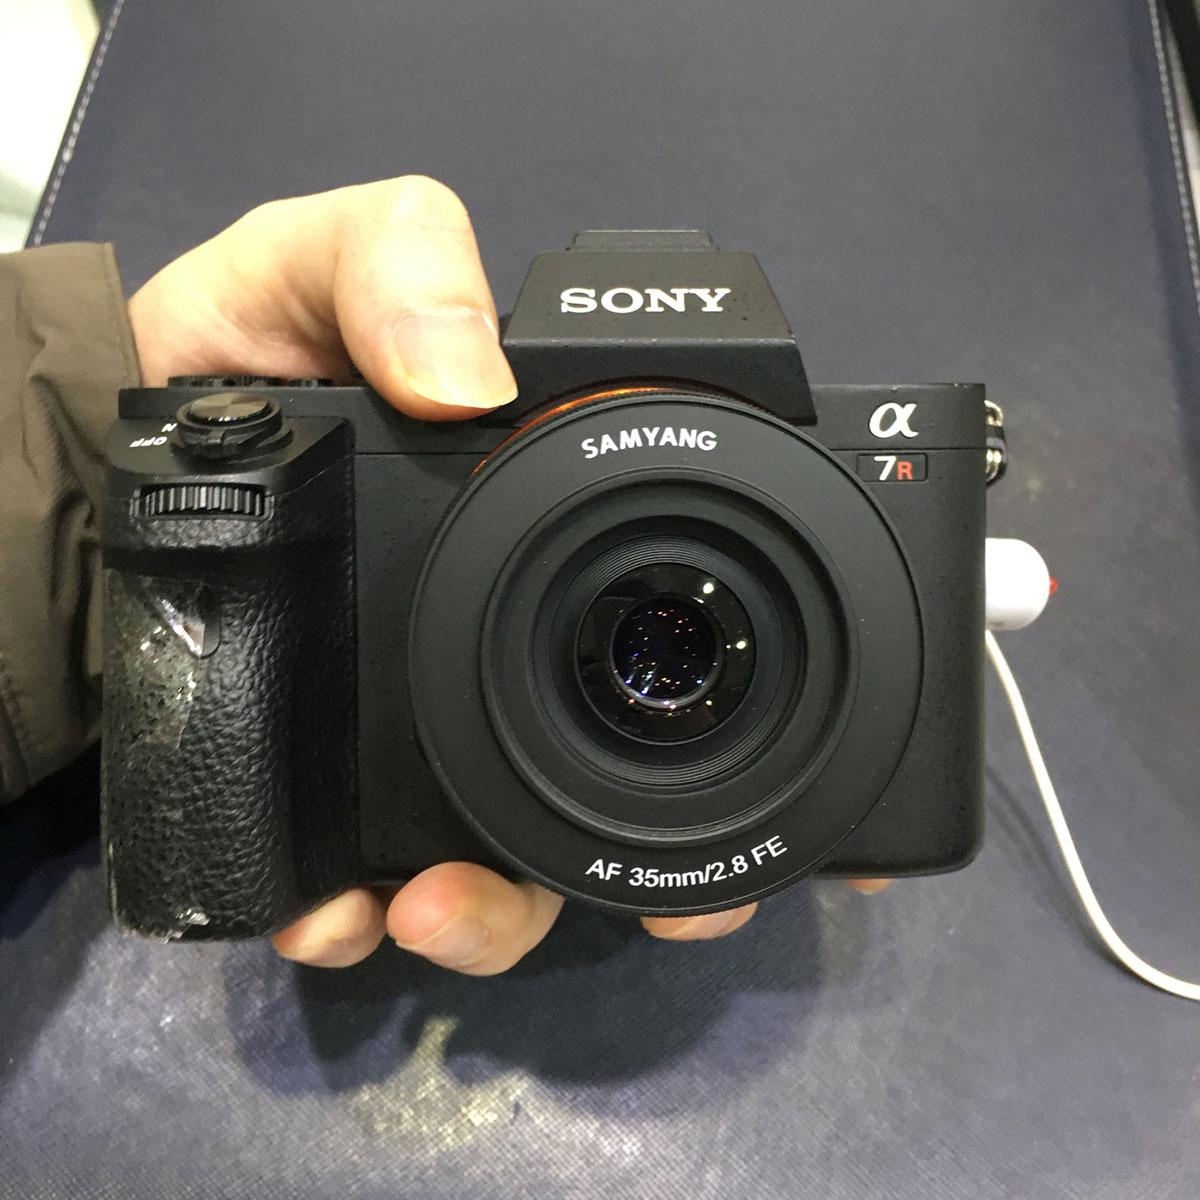 New Samyang AF 35mm f/2.8 FE lens coming soon (autofocus full frame ...